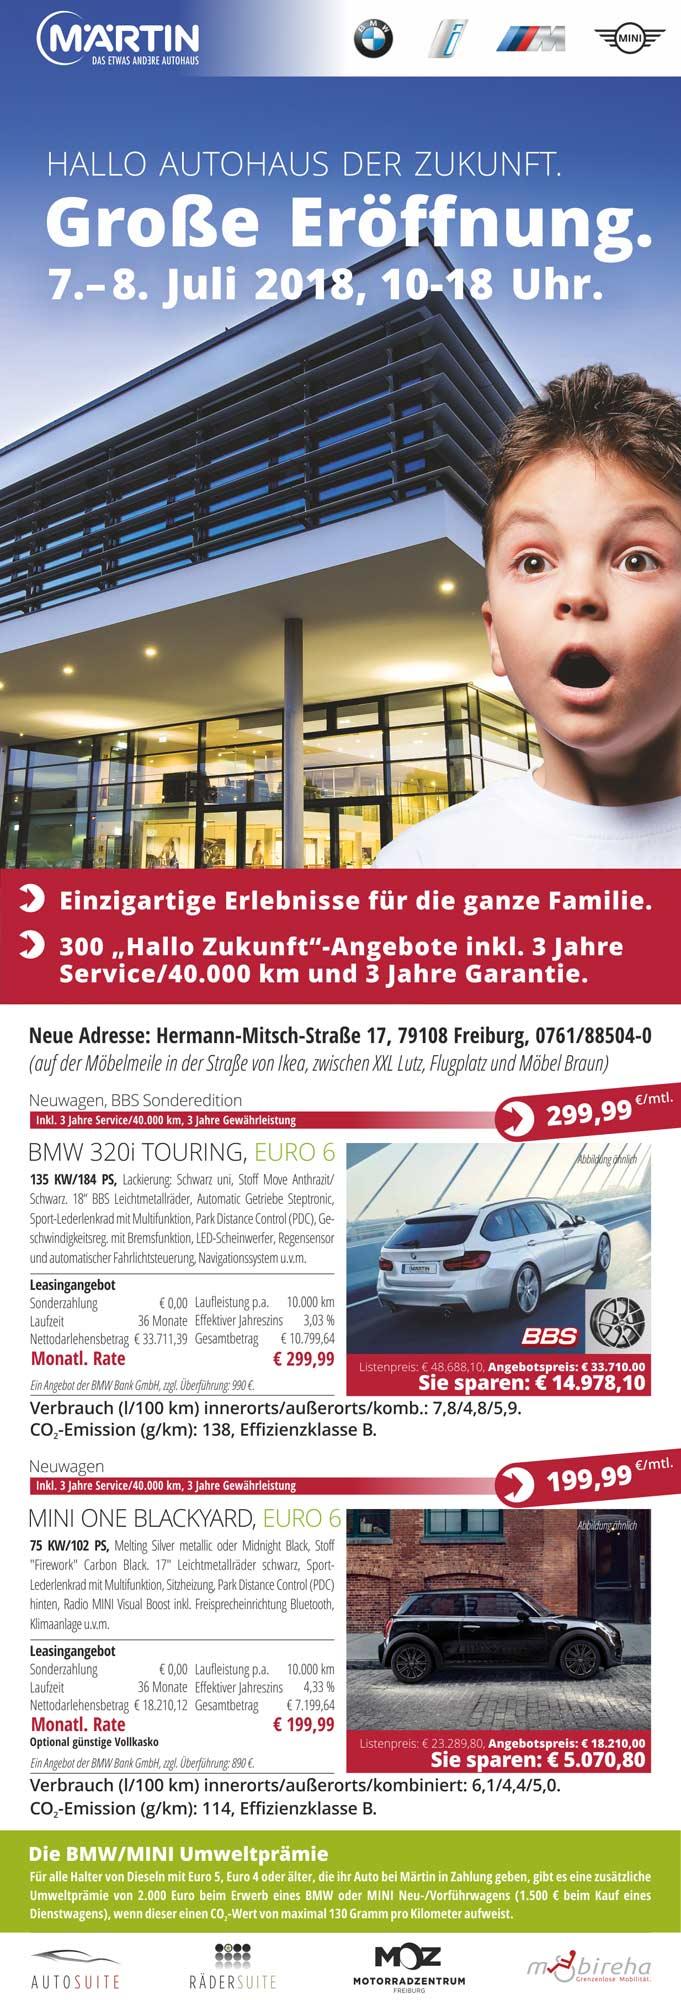 Schilling Graphism.etc. für Autohaus Märtin